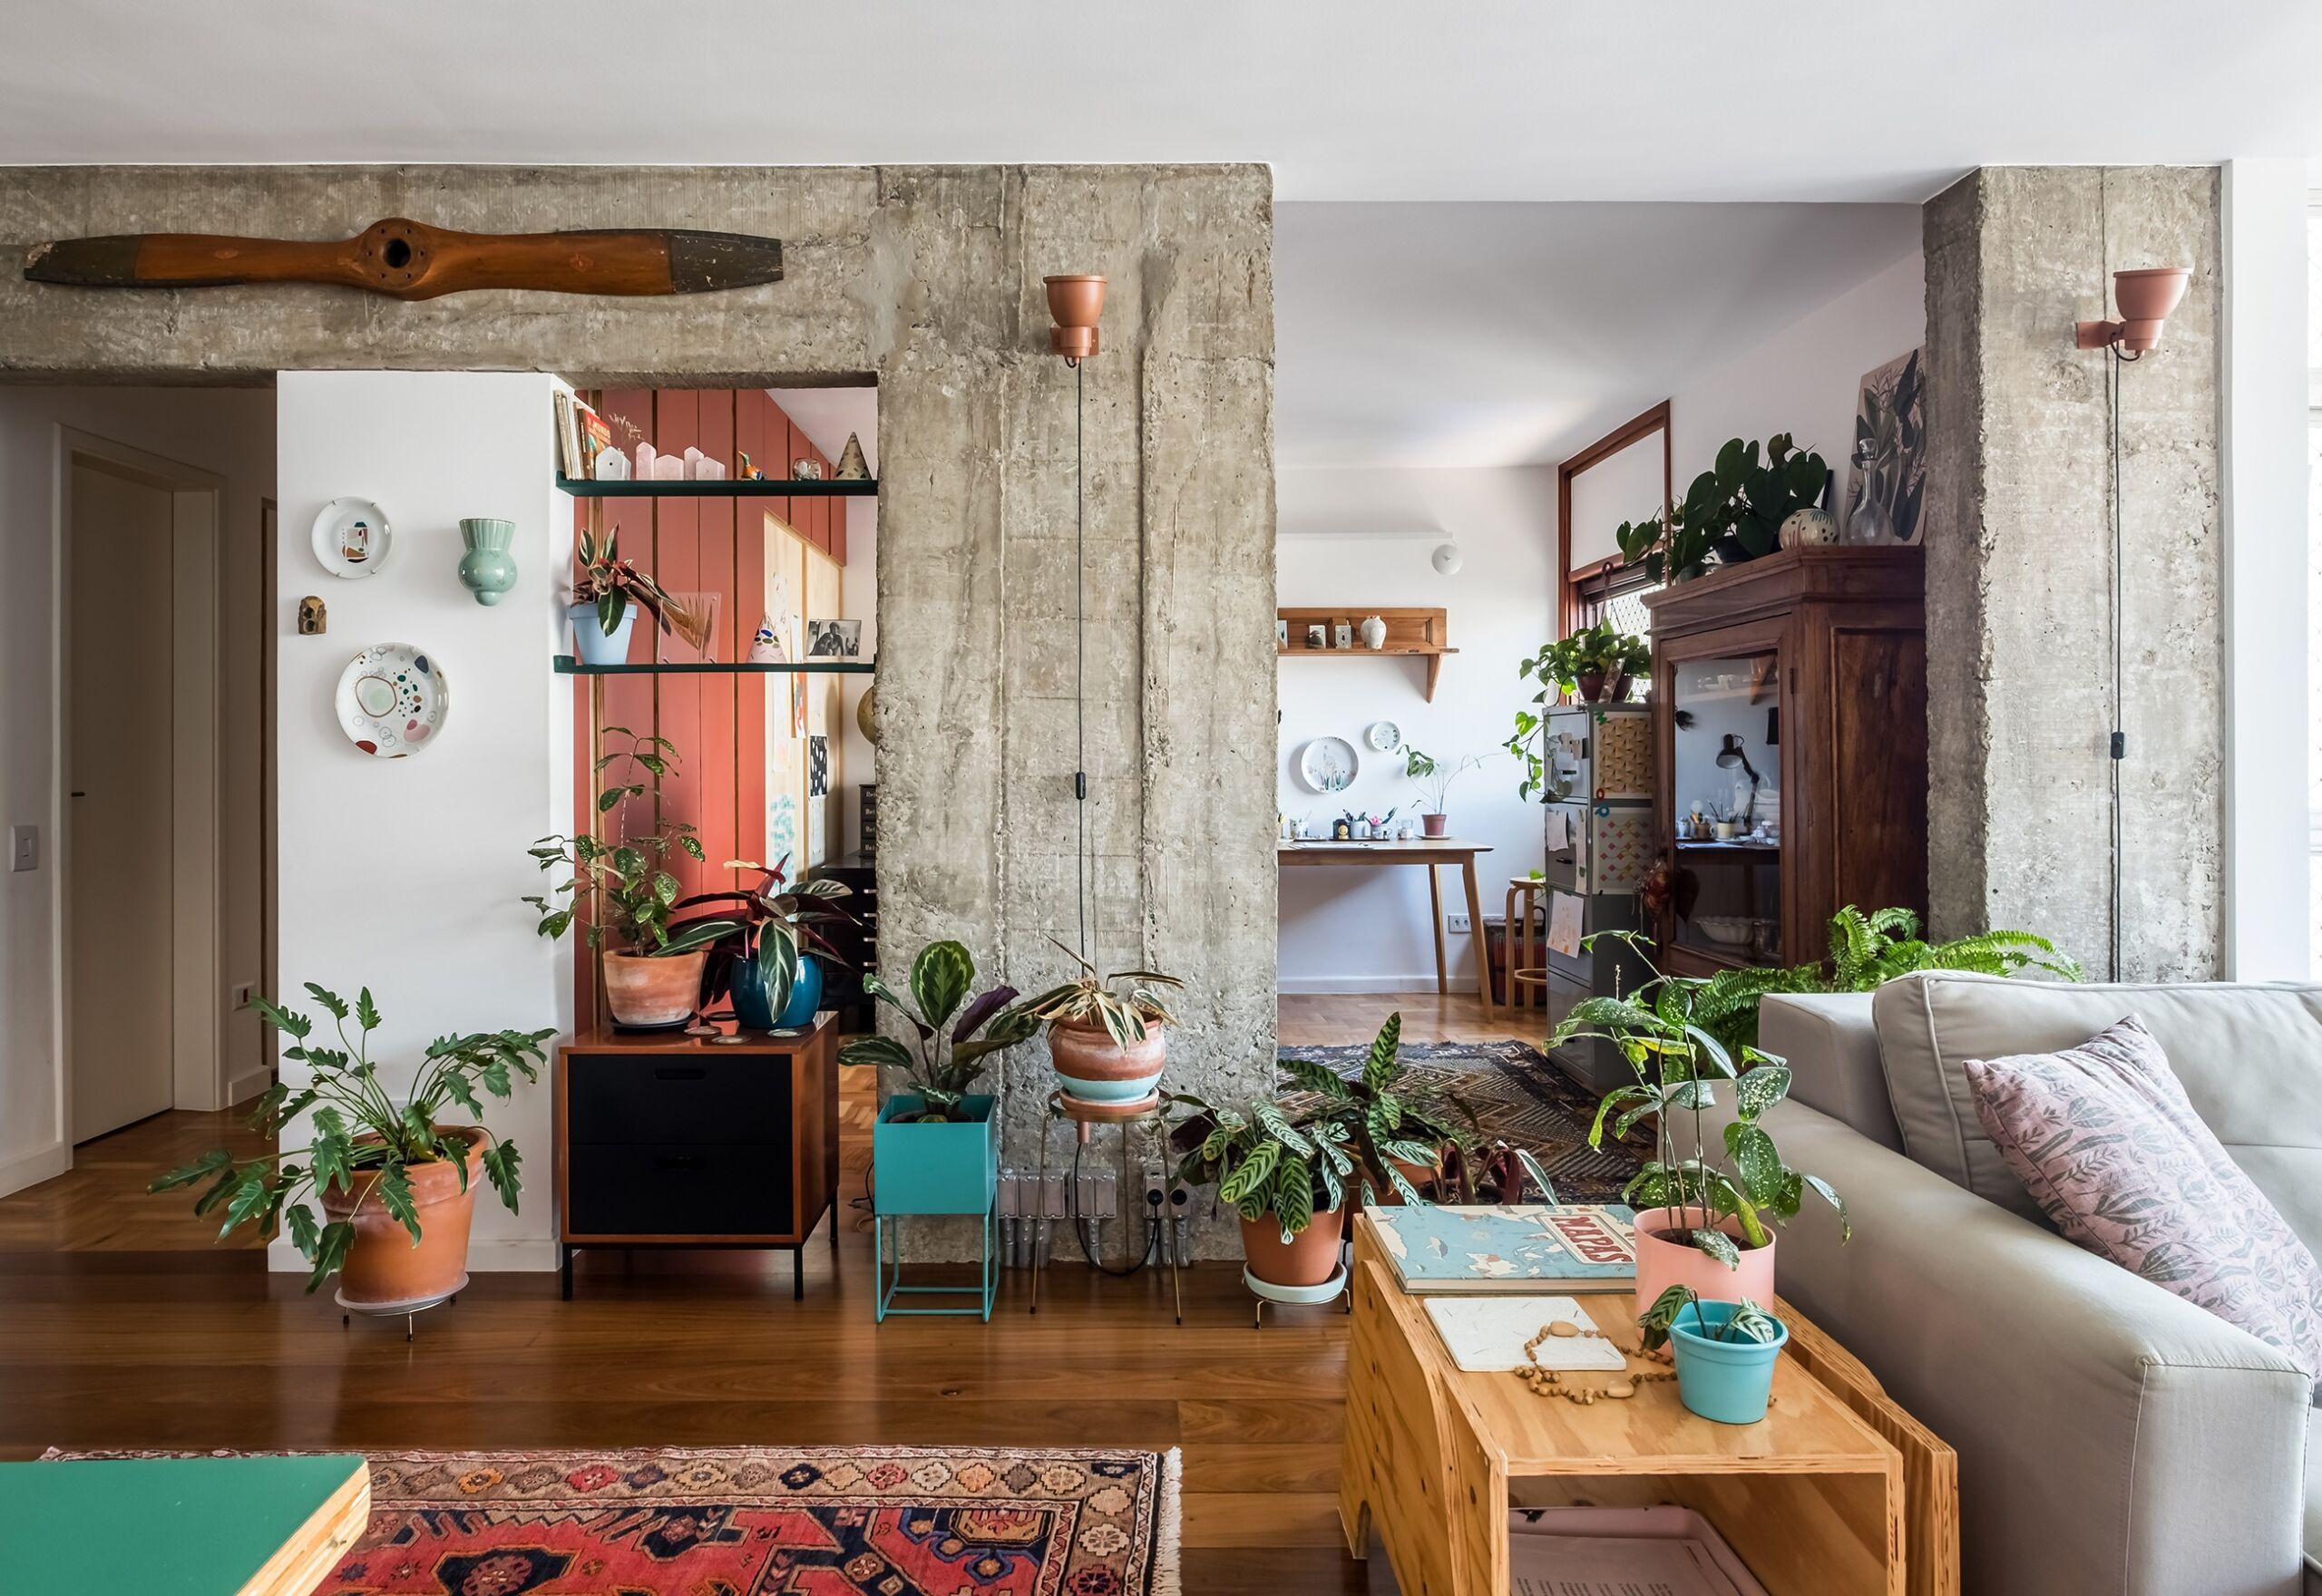 Apartamento reformado com concreto aparente e muitas plantas